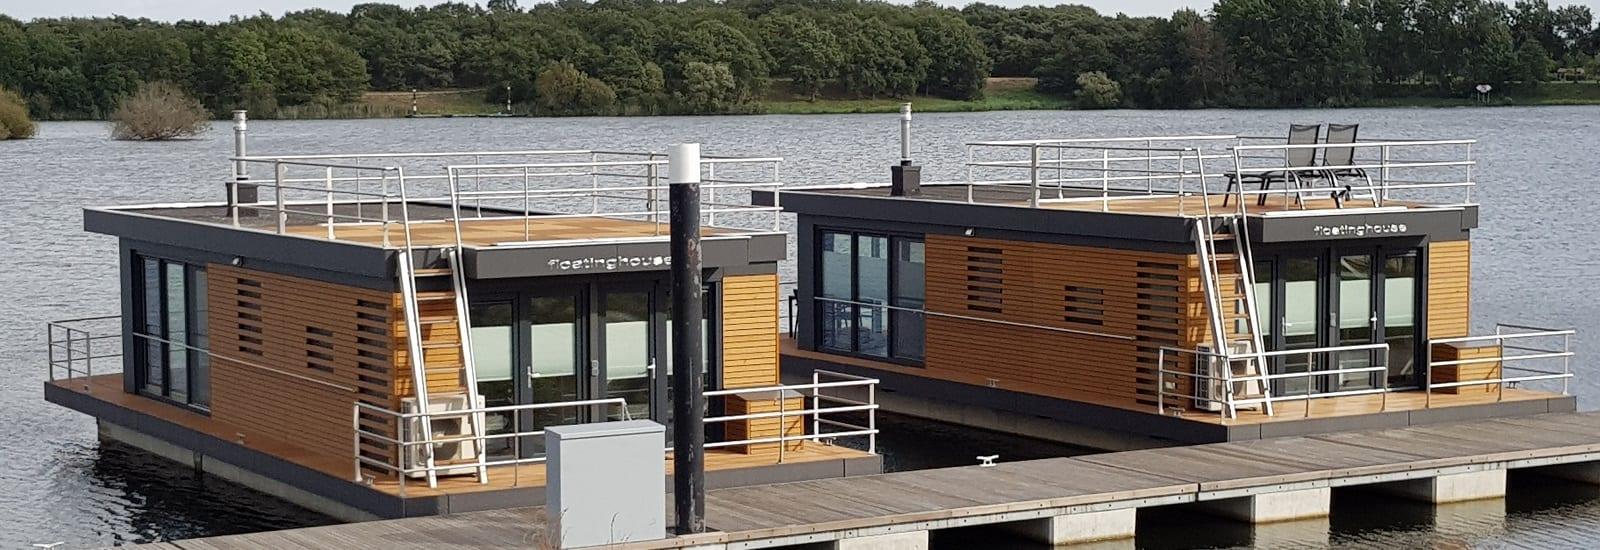 Beschermd: Floating House